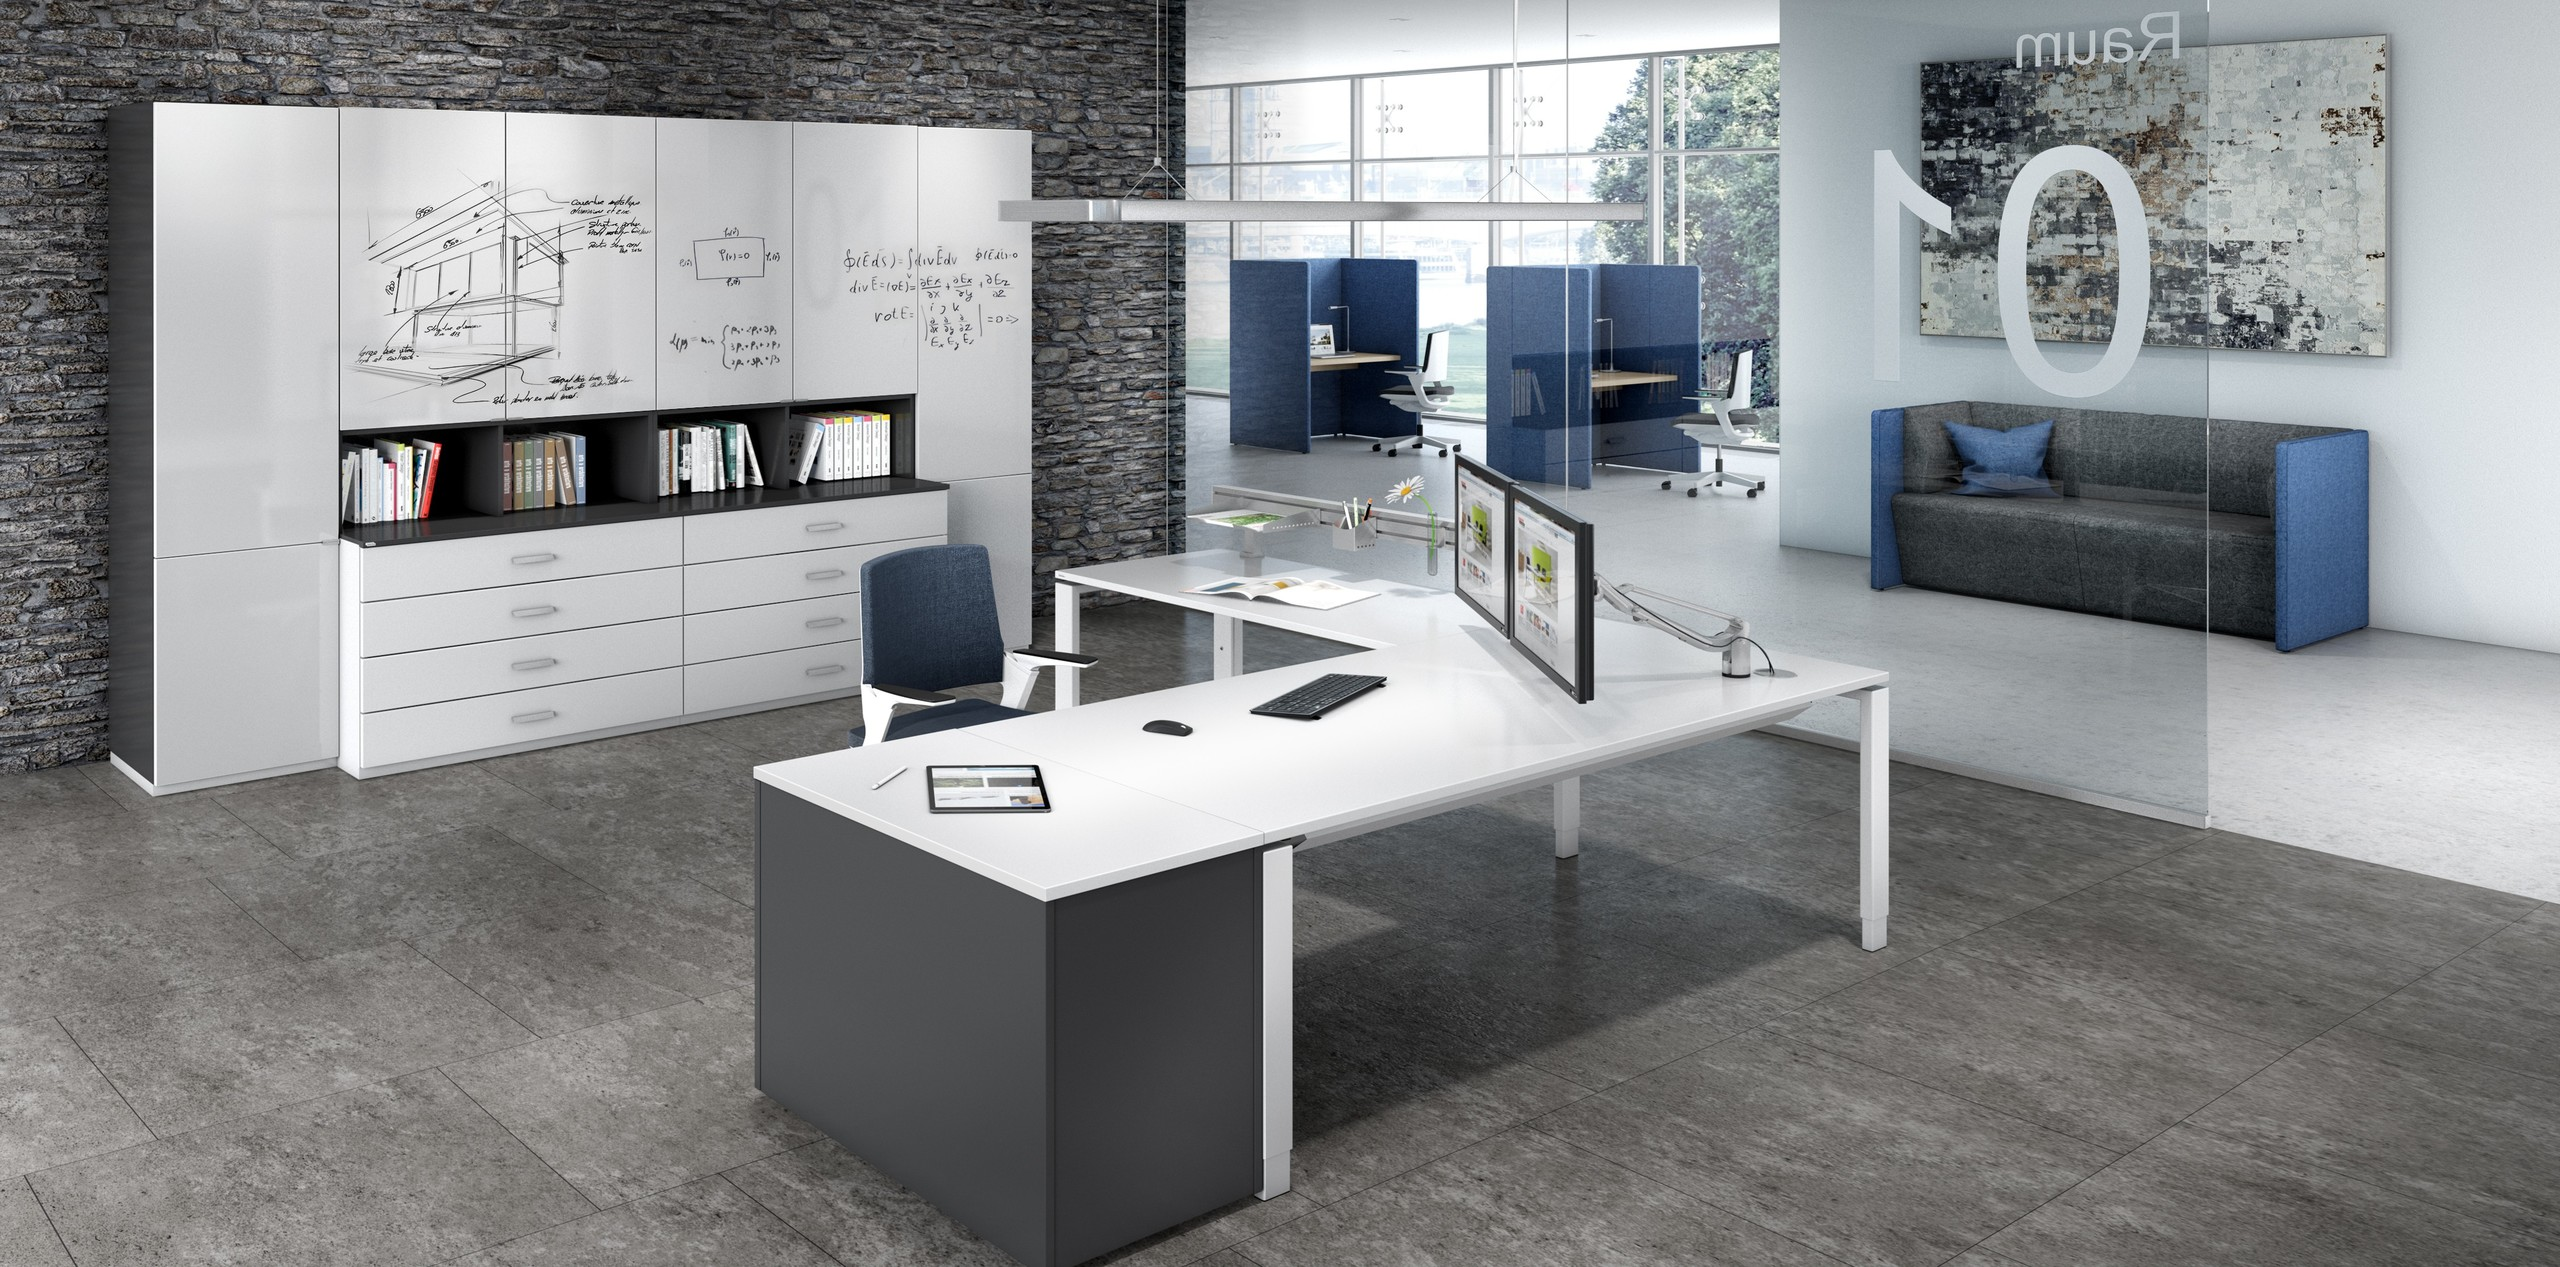 Büroeinrichtung mit Assmann | INSIDE BUSINESS